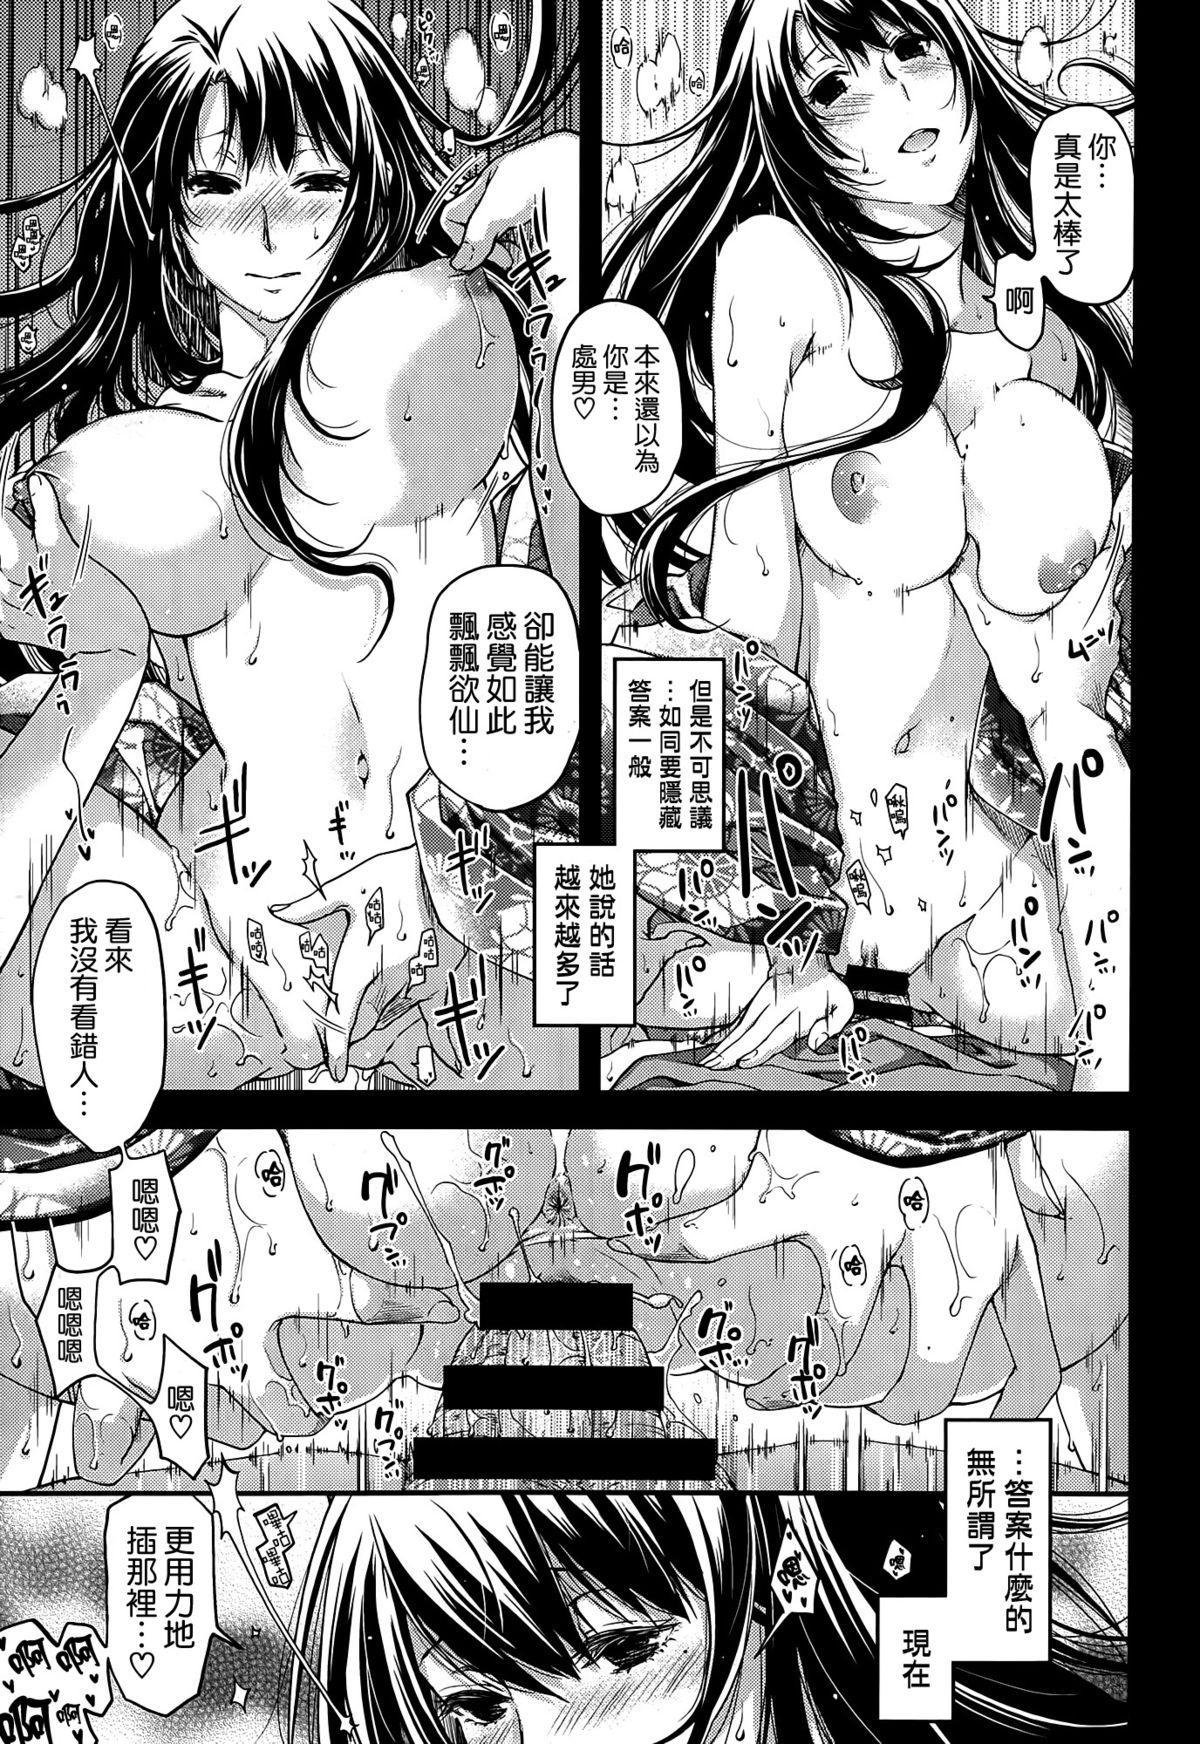 Manatsu no Kemono 20